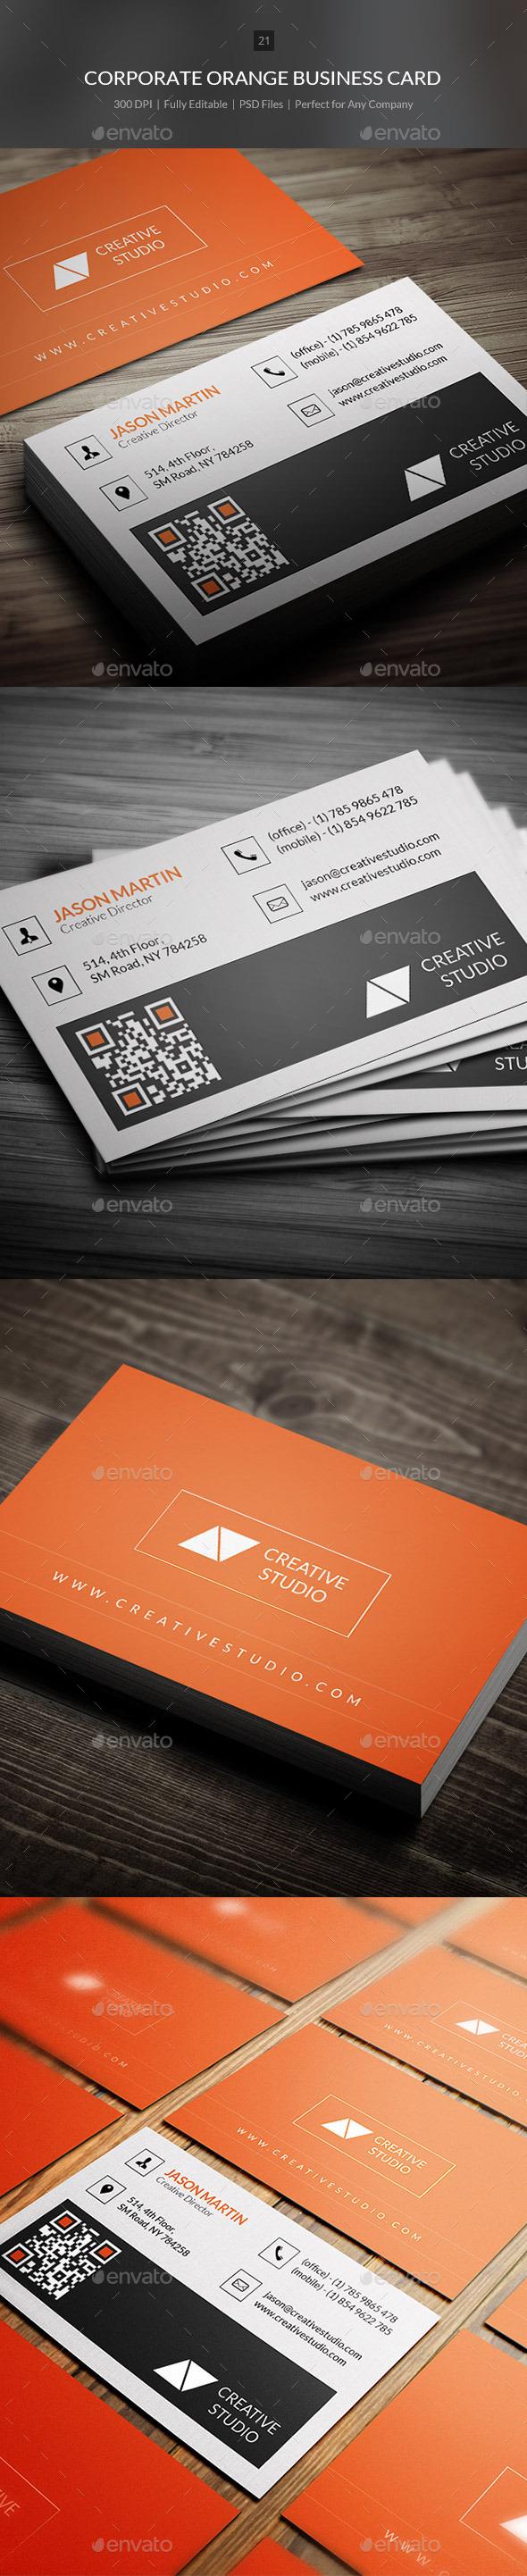 Corporate Orange Business Card - 21 - Corporate Business Cards